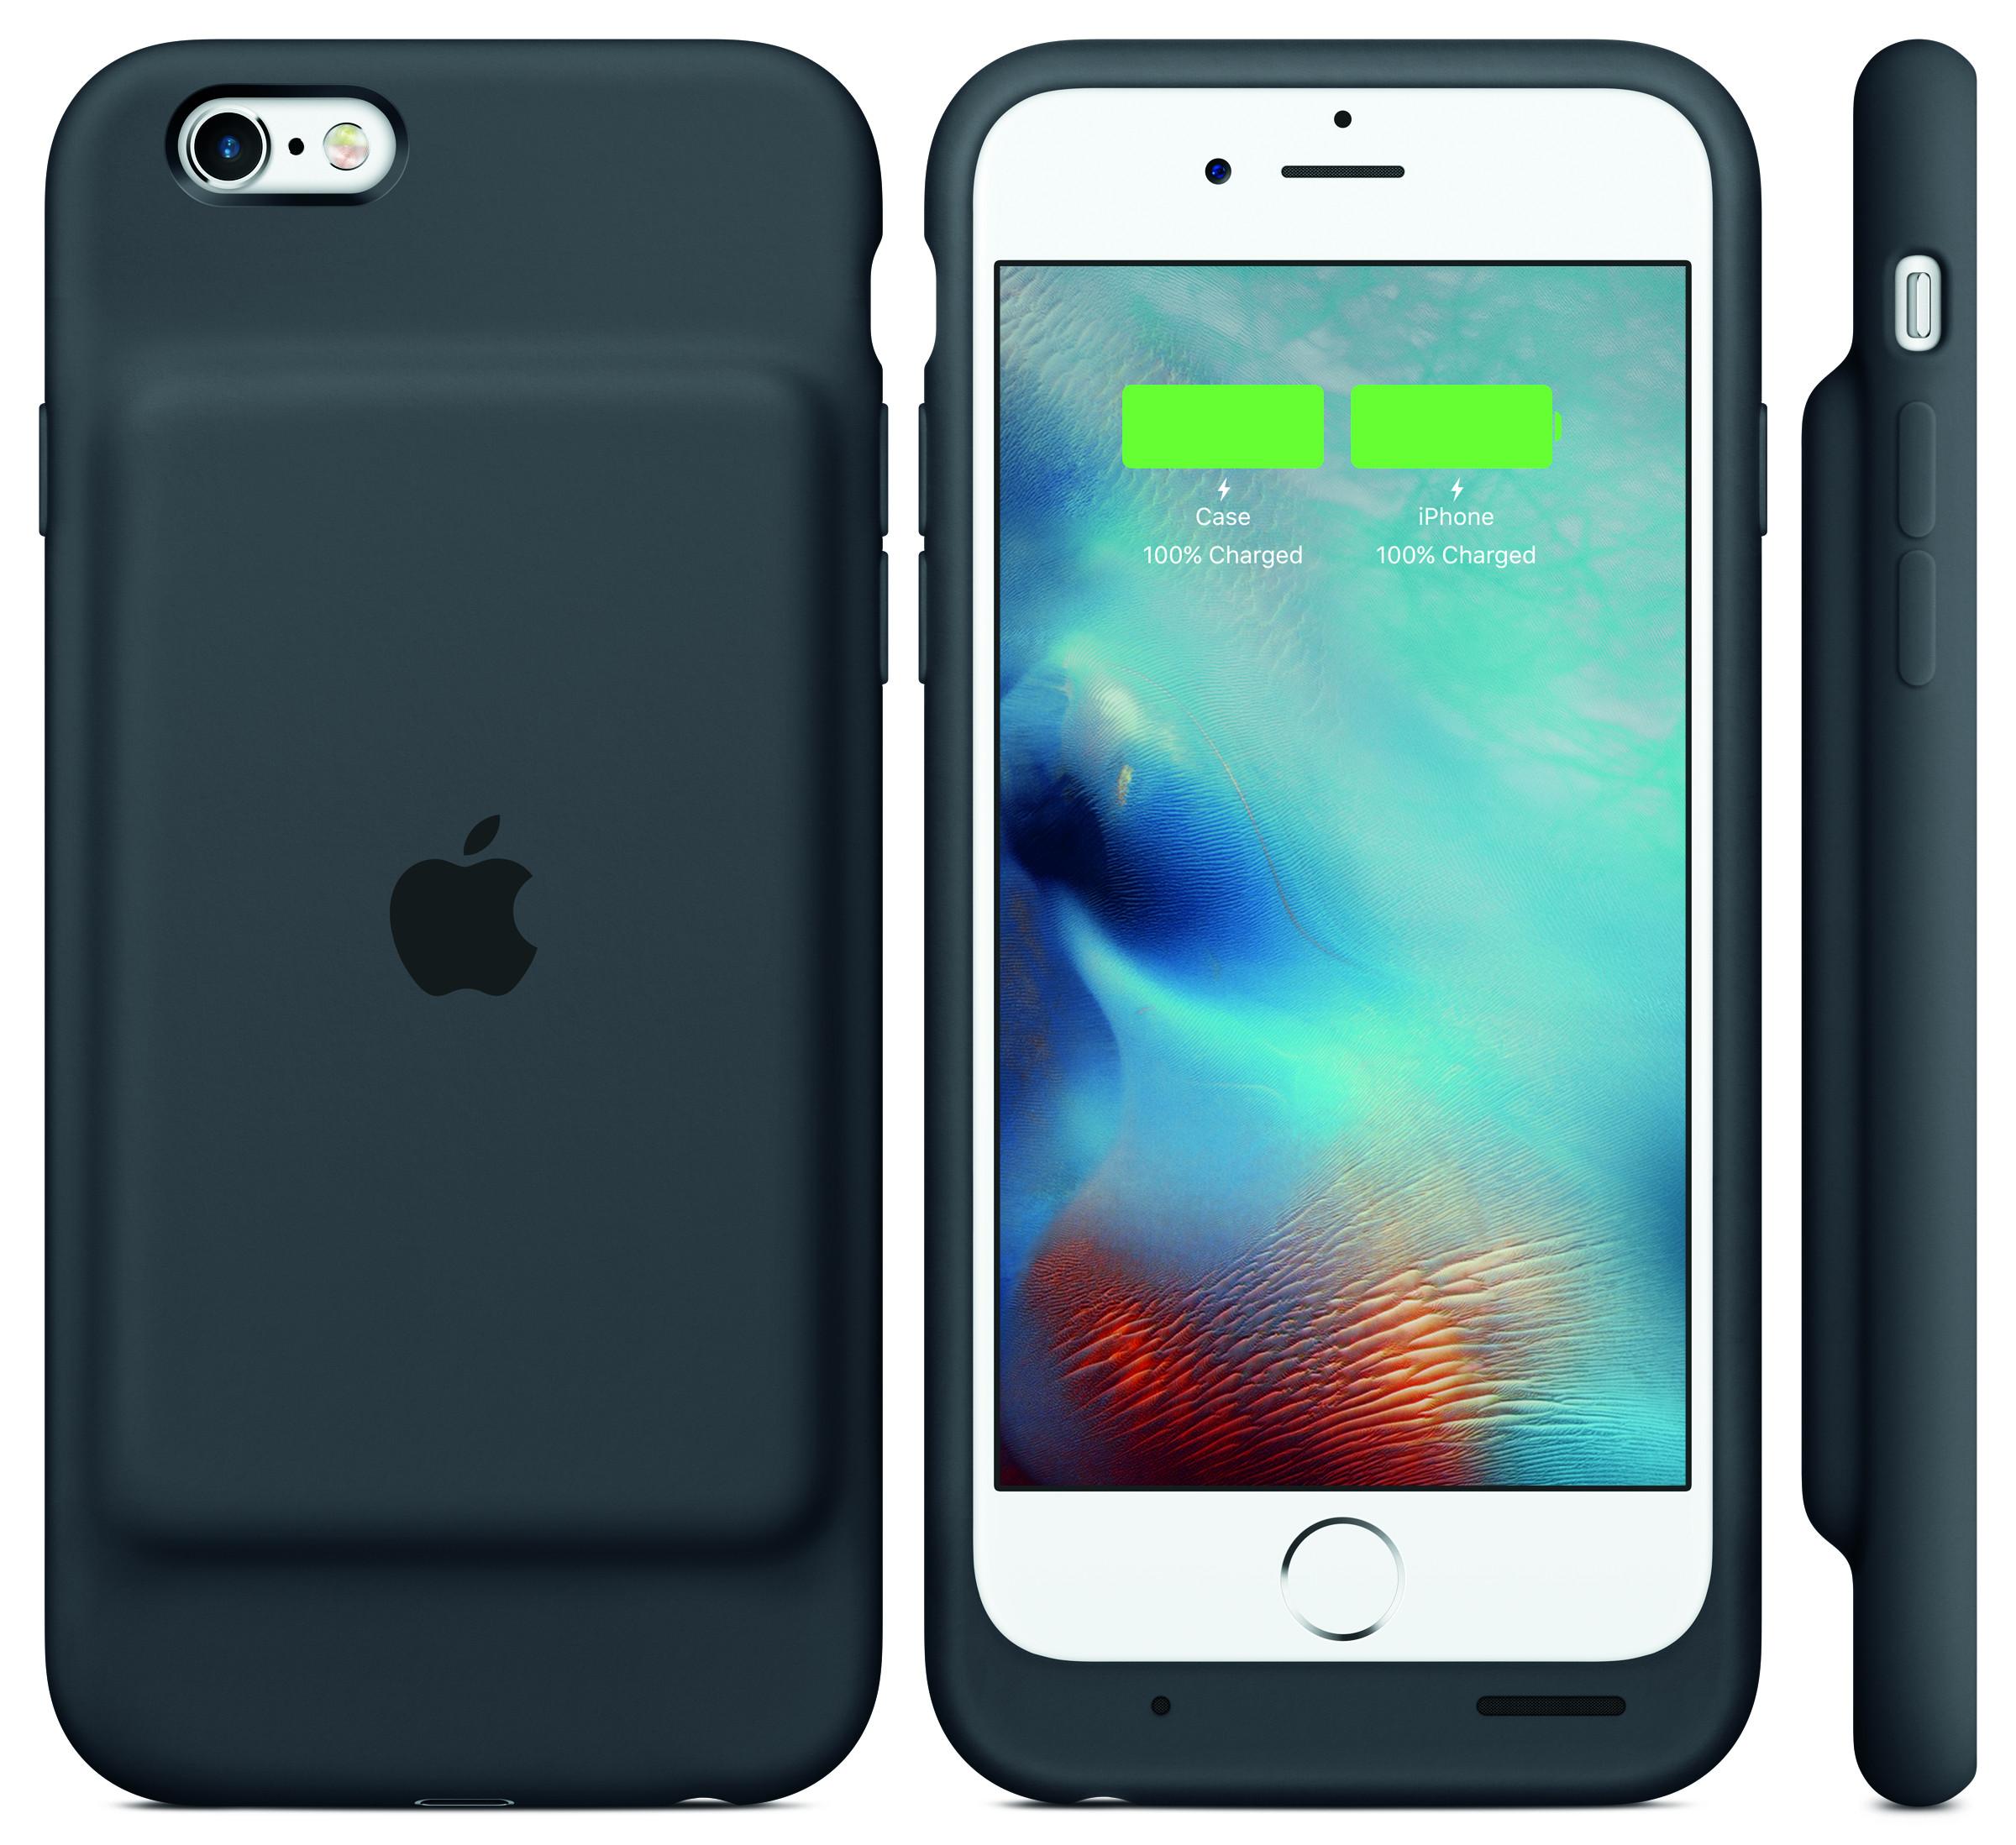 苹果发布适配iPhone 6/6s的智能电池保护套